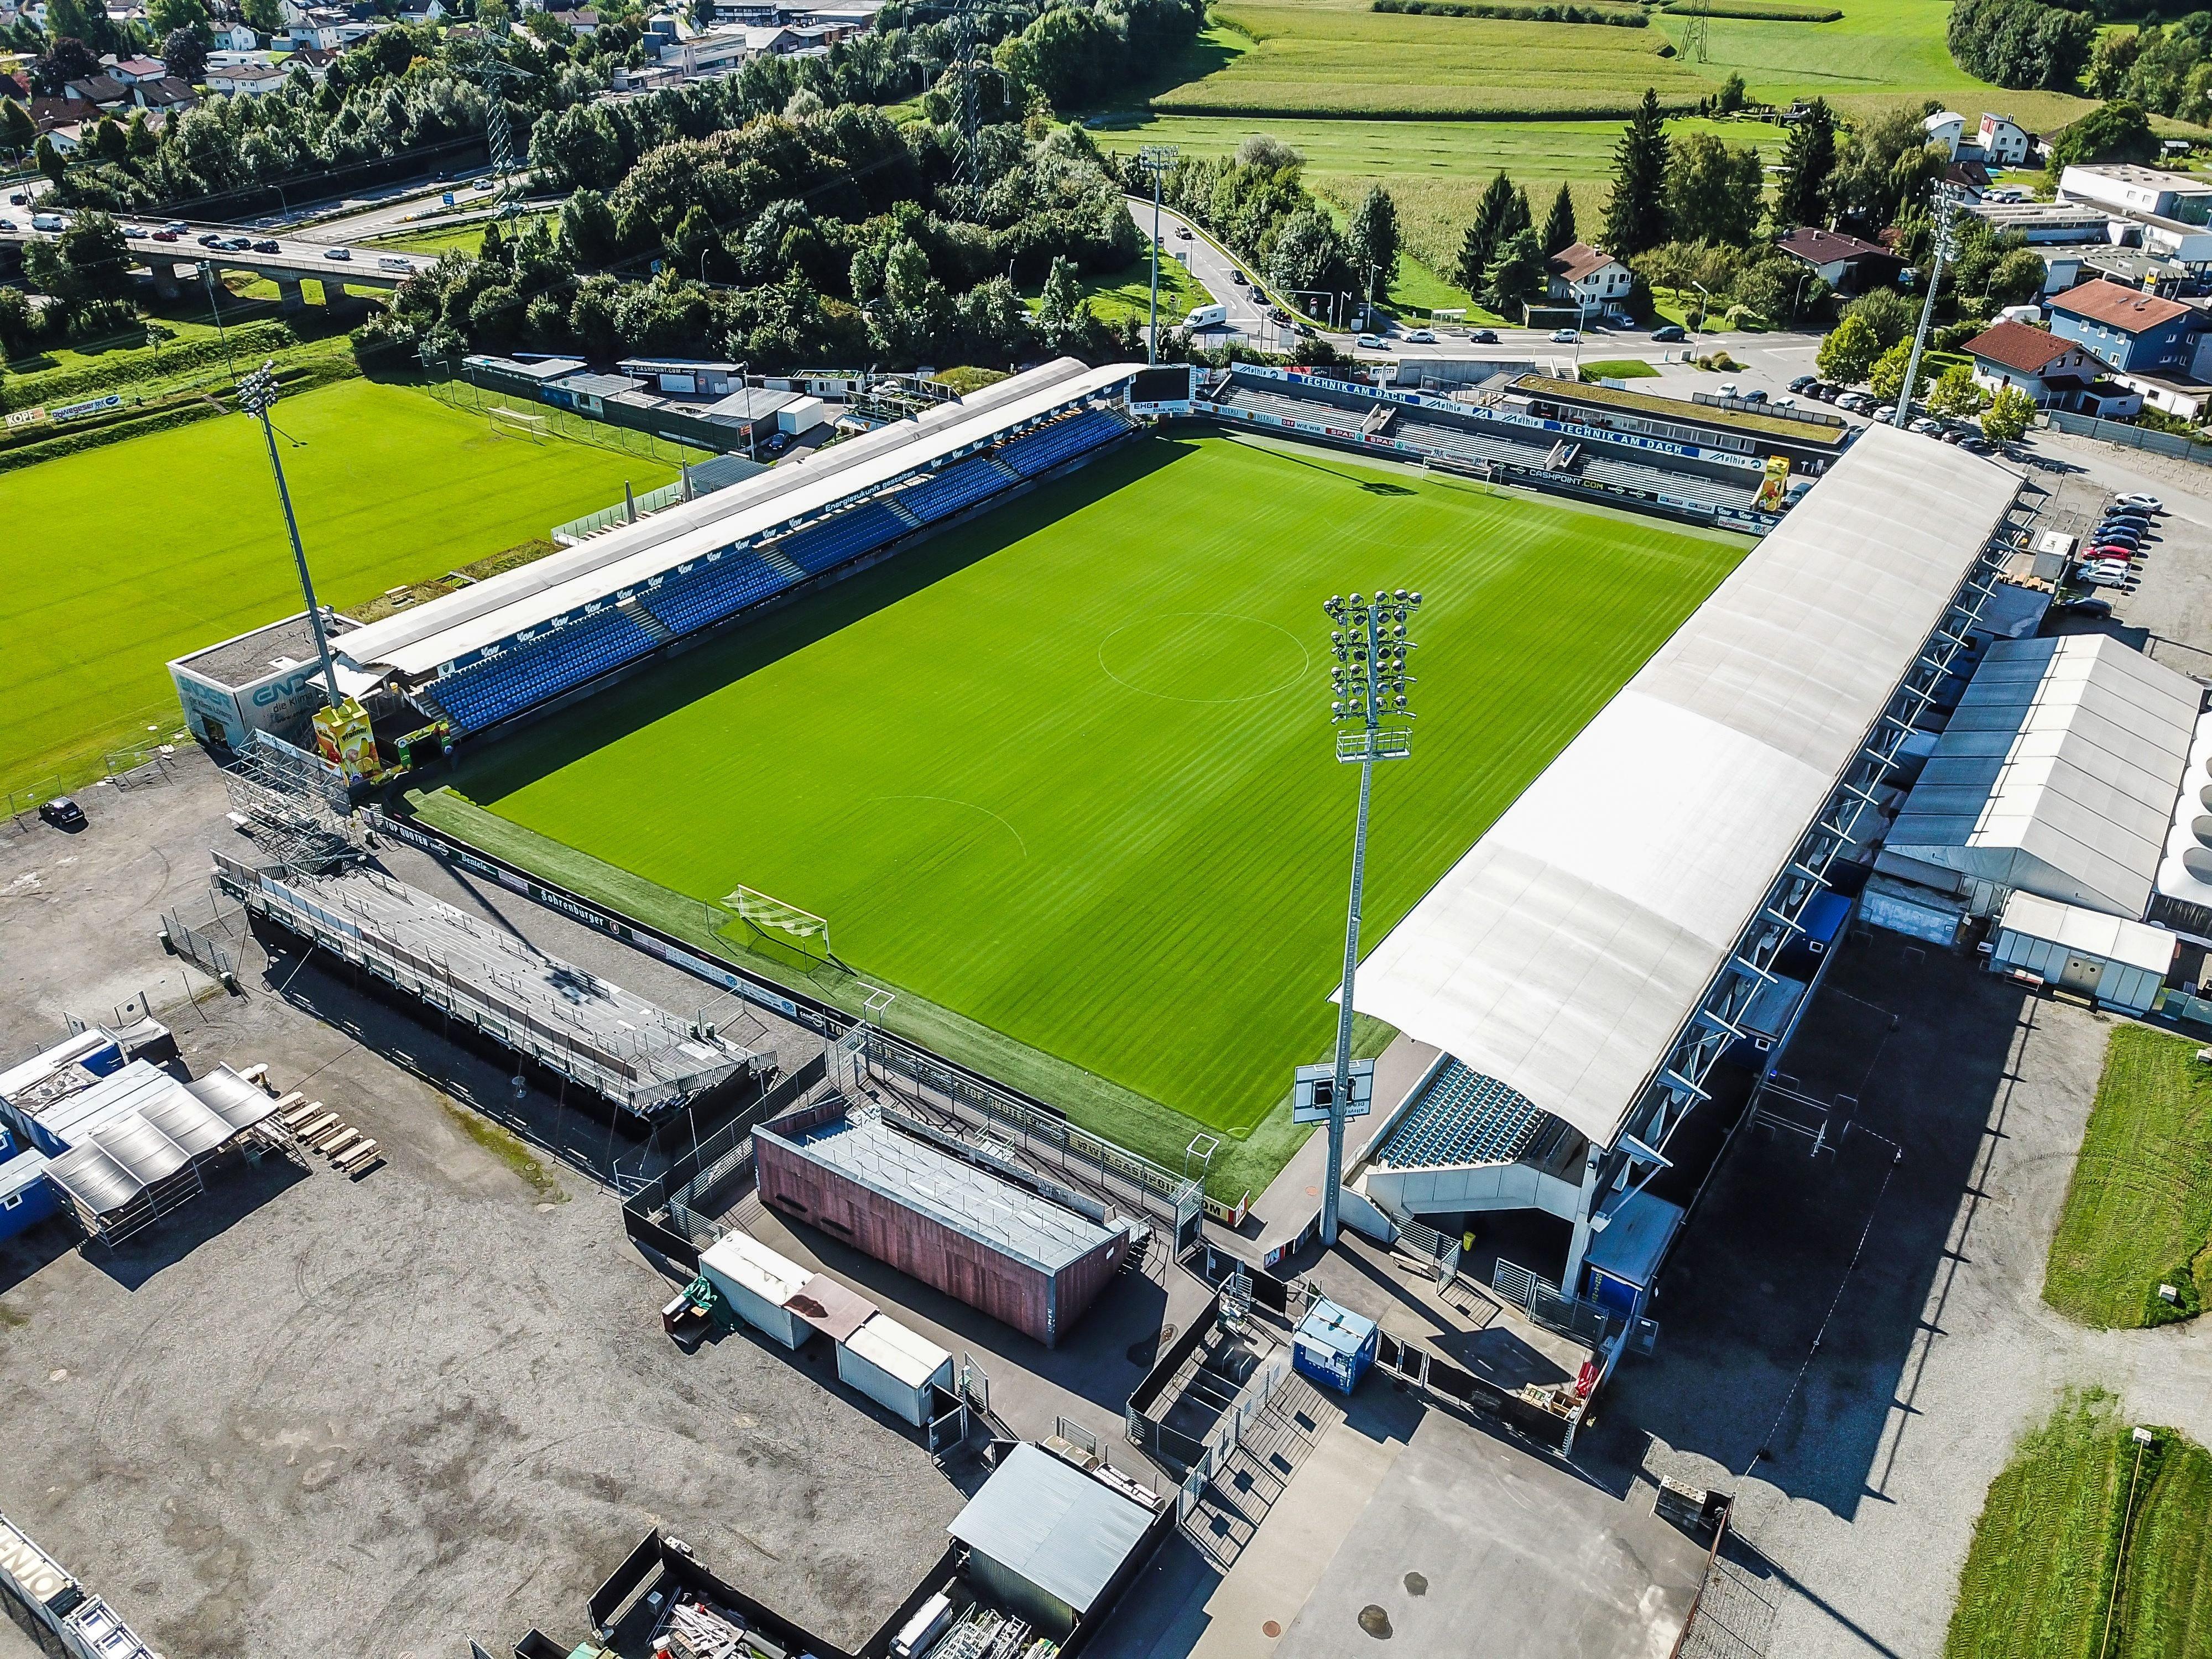 Altach Stadion Die Neue Sudtribune Wird Im Mai